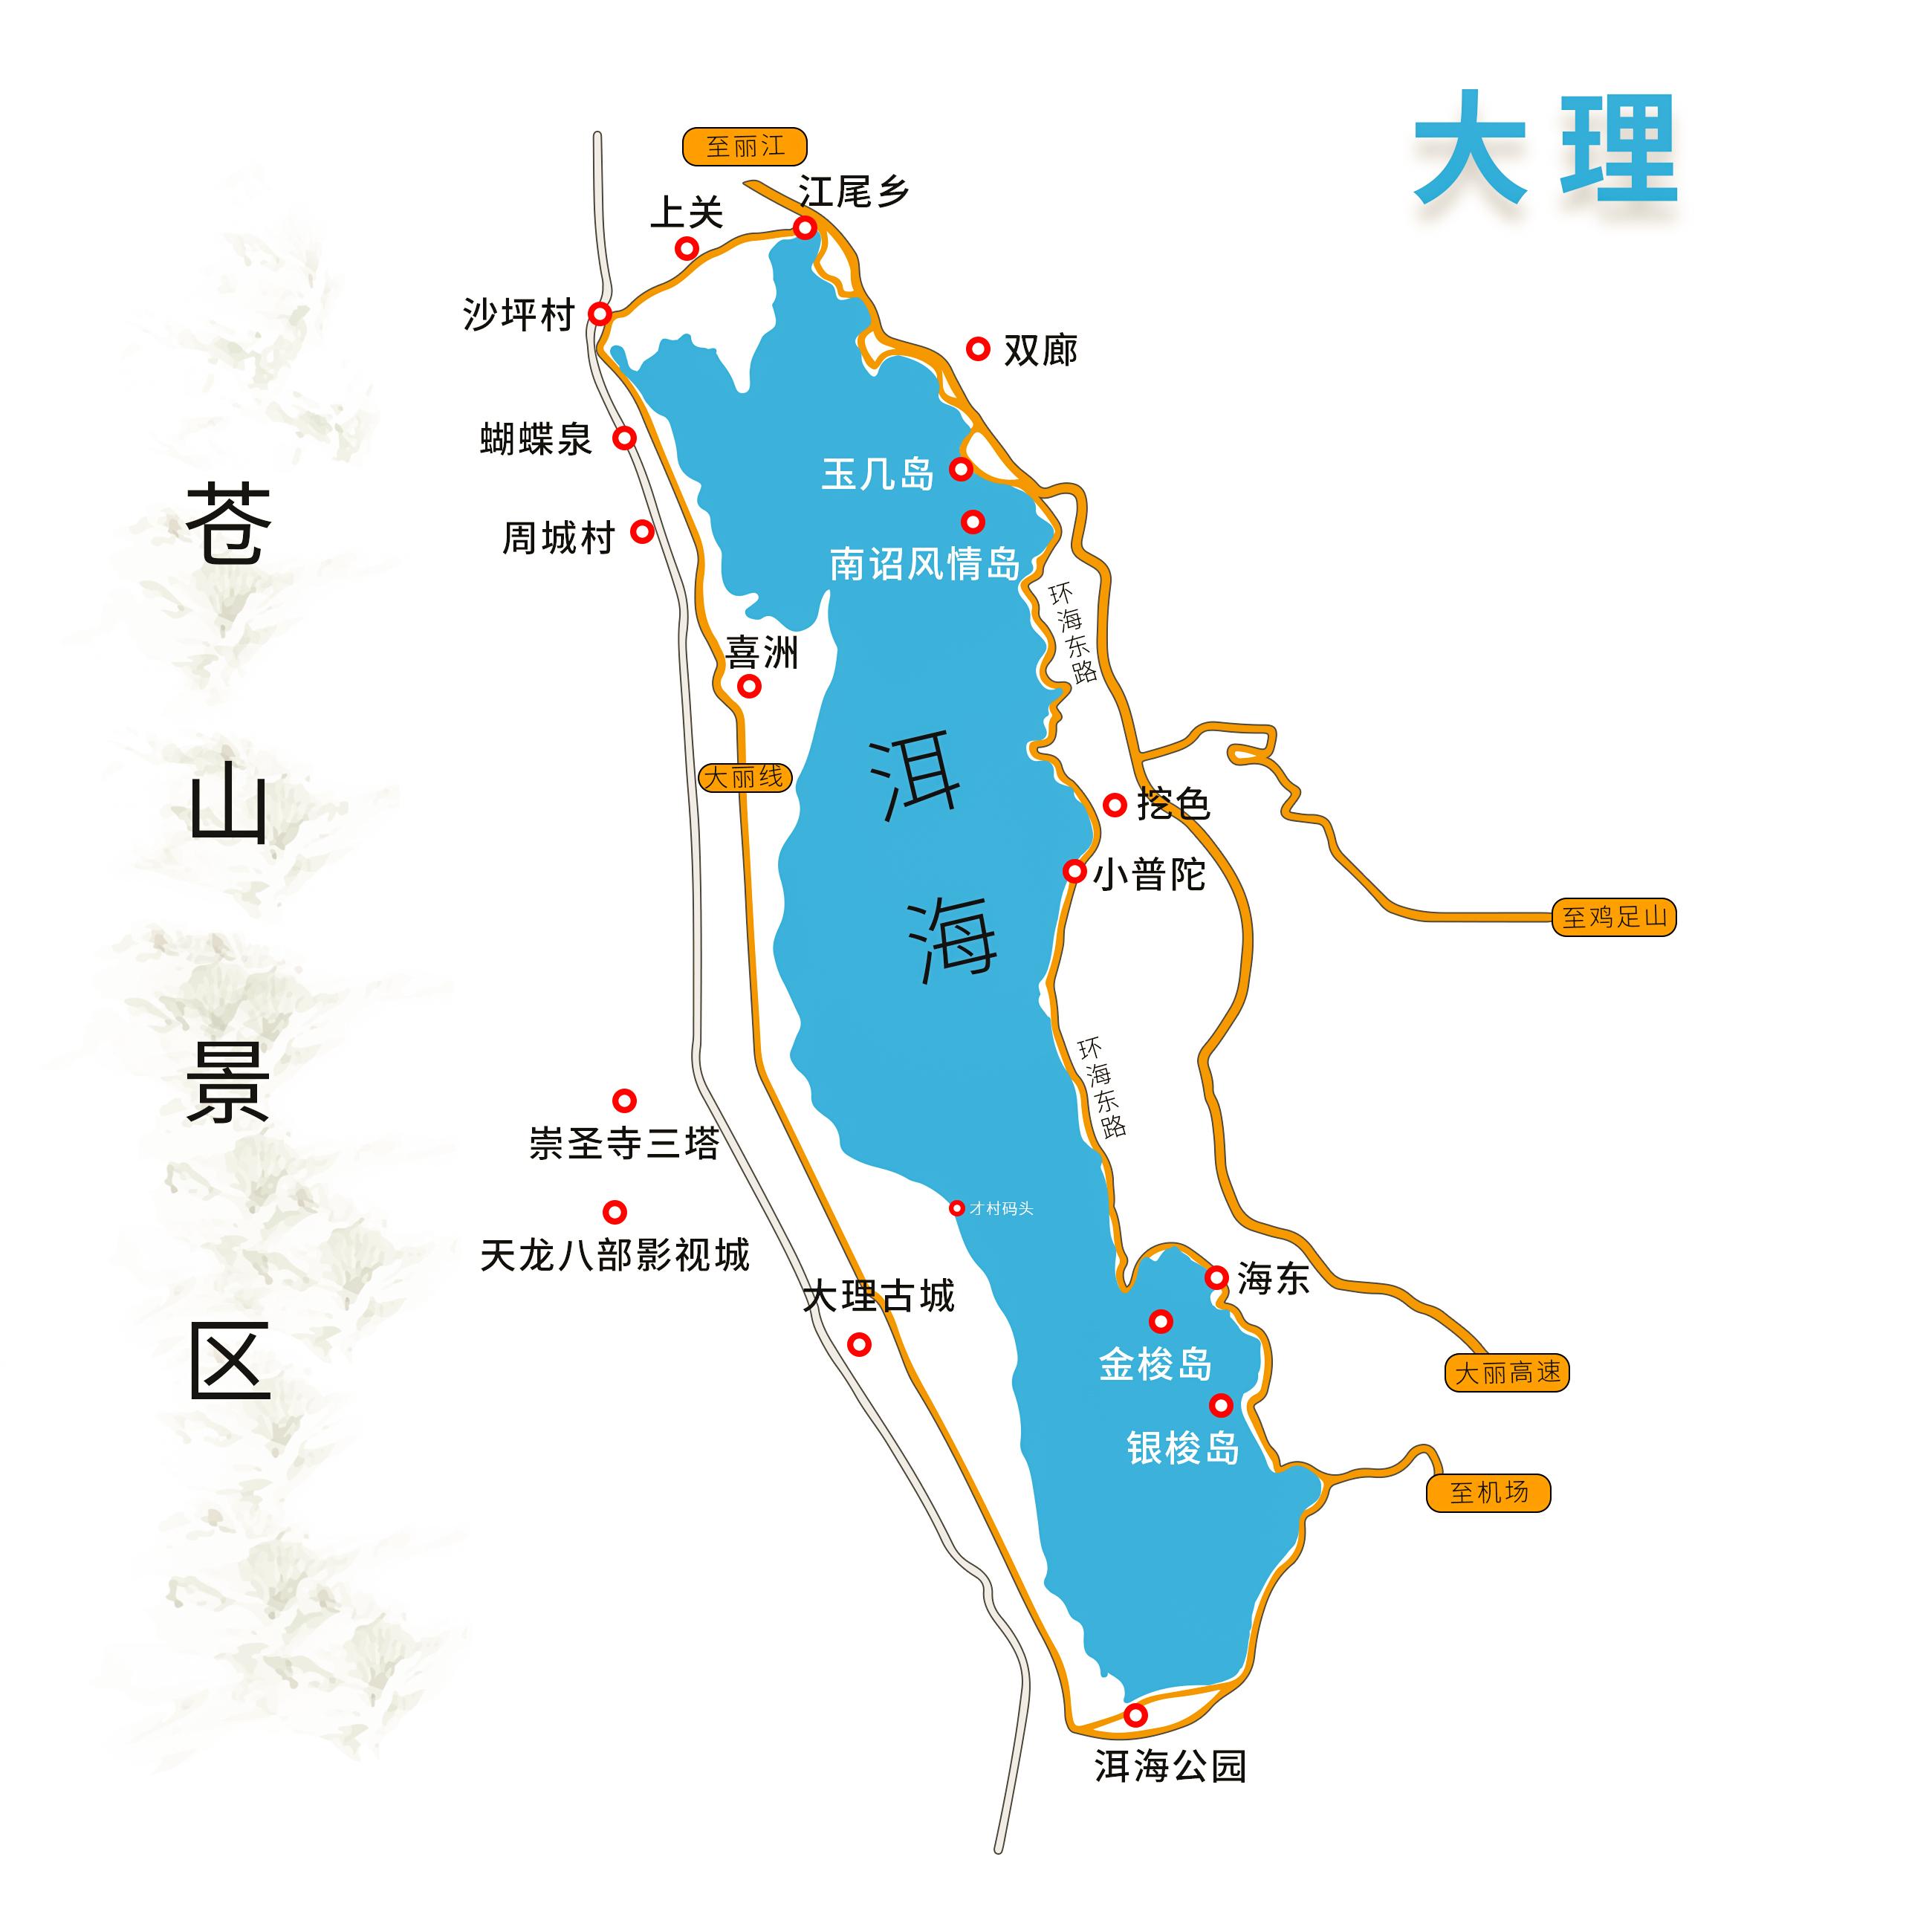 丽江旅游景点地图